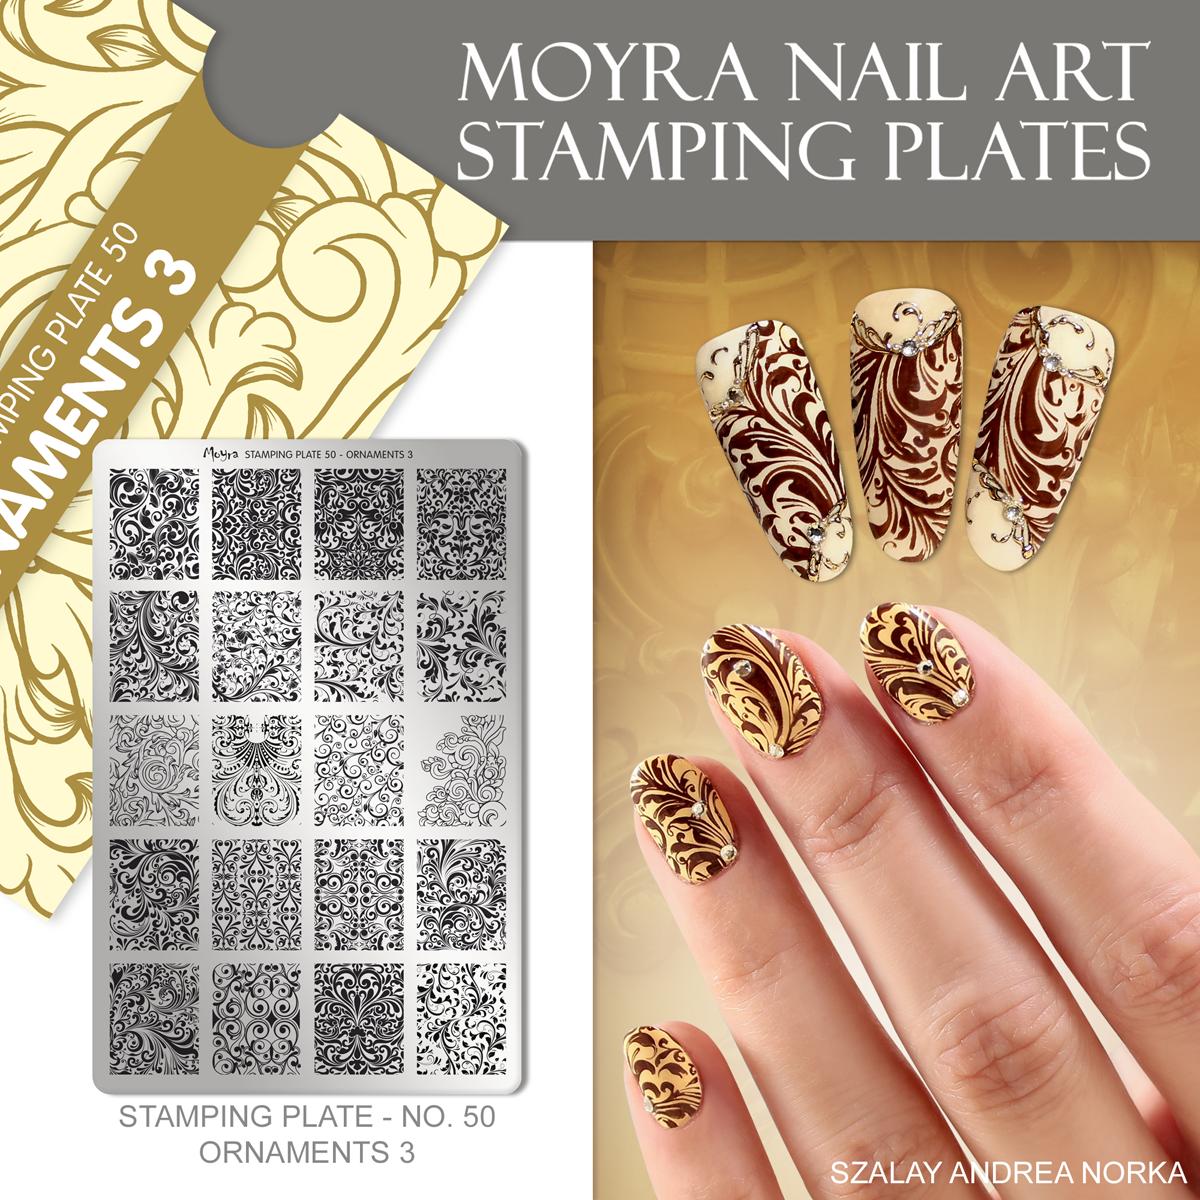 Moyra Nail Art Stamping Plate No. 50 Ornaments 3